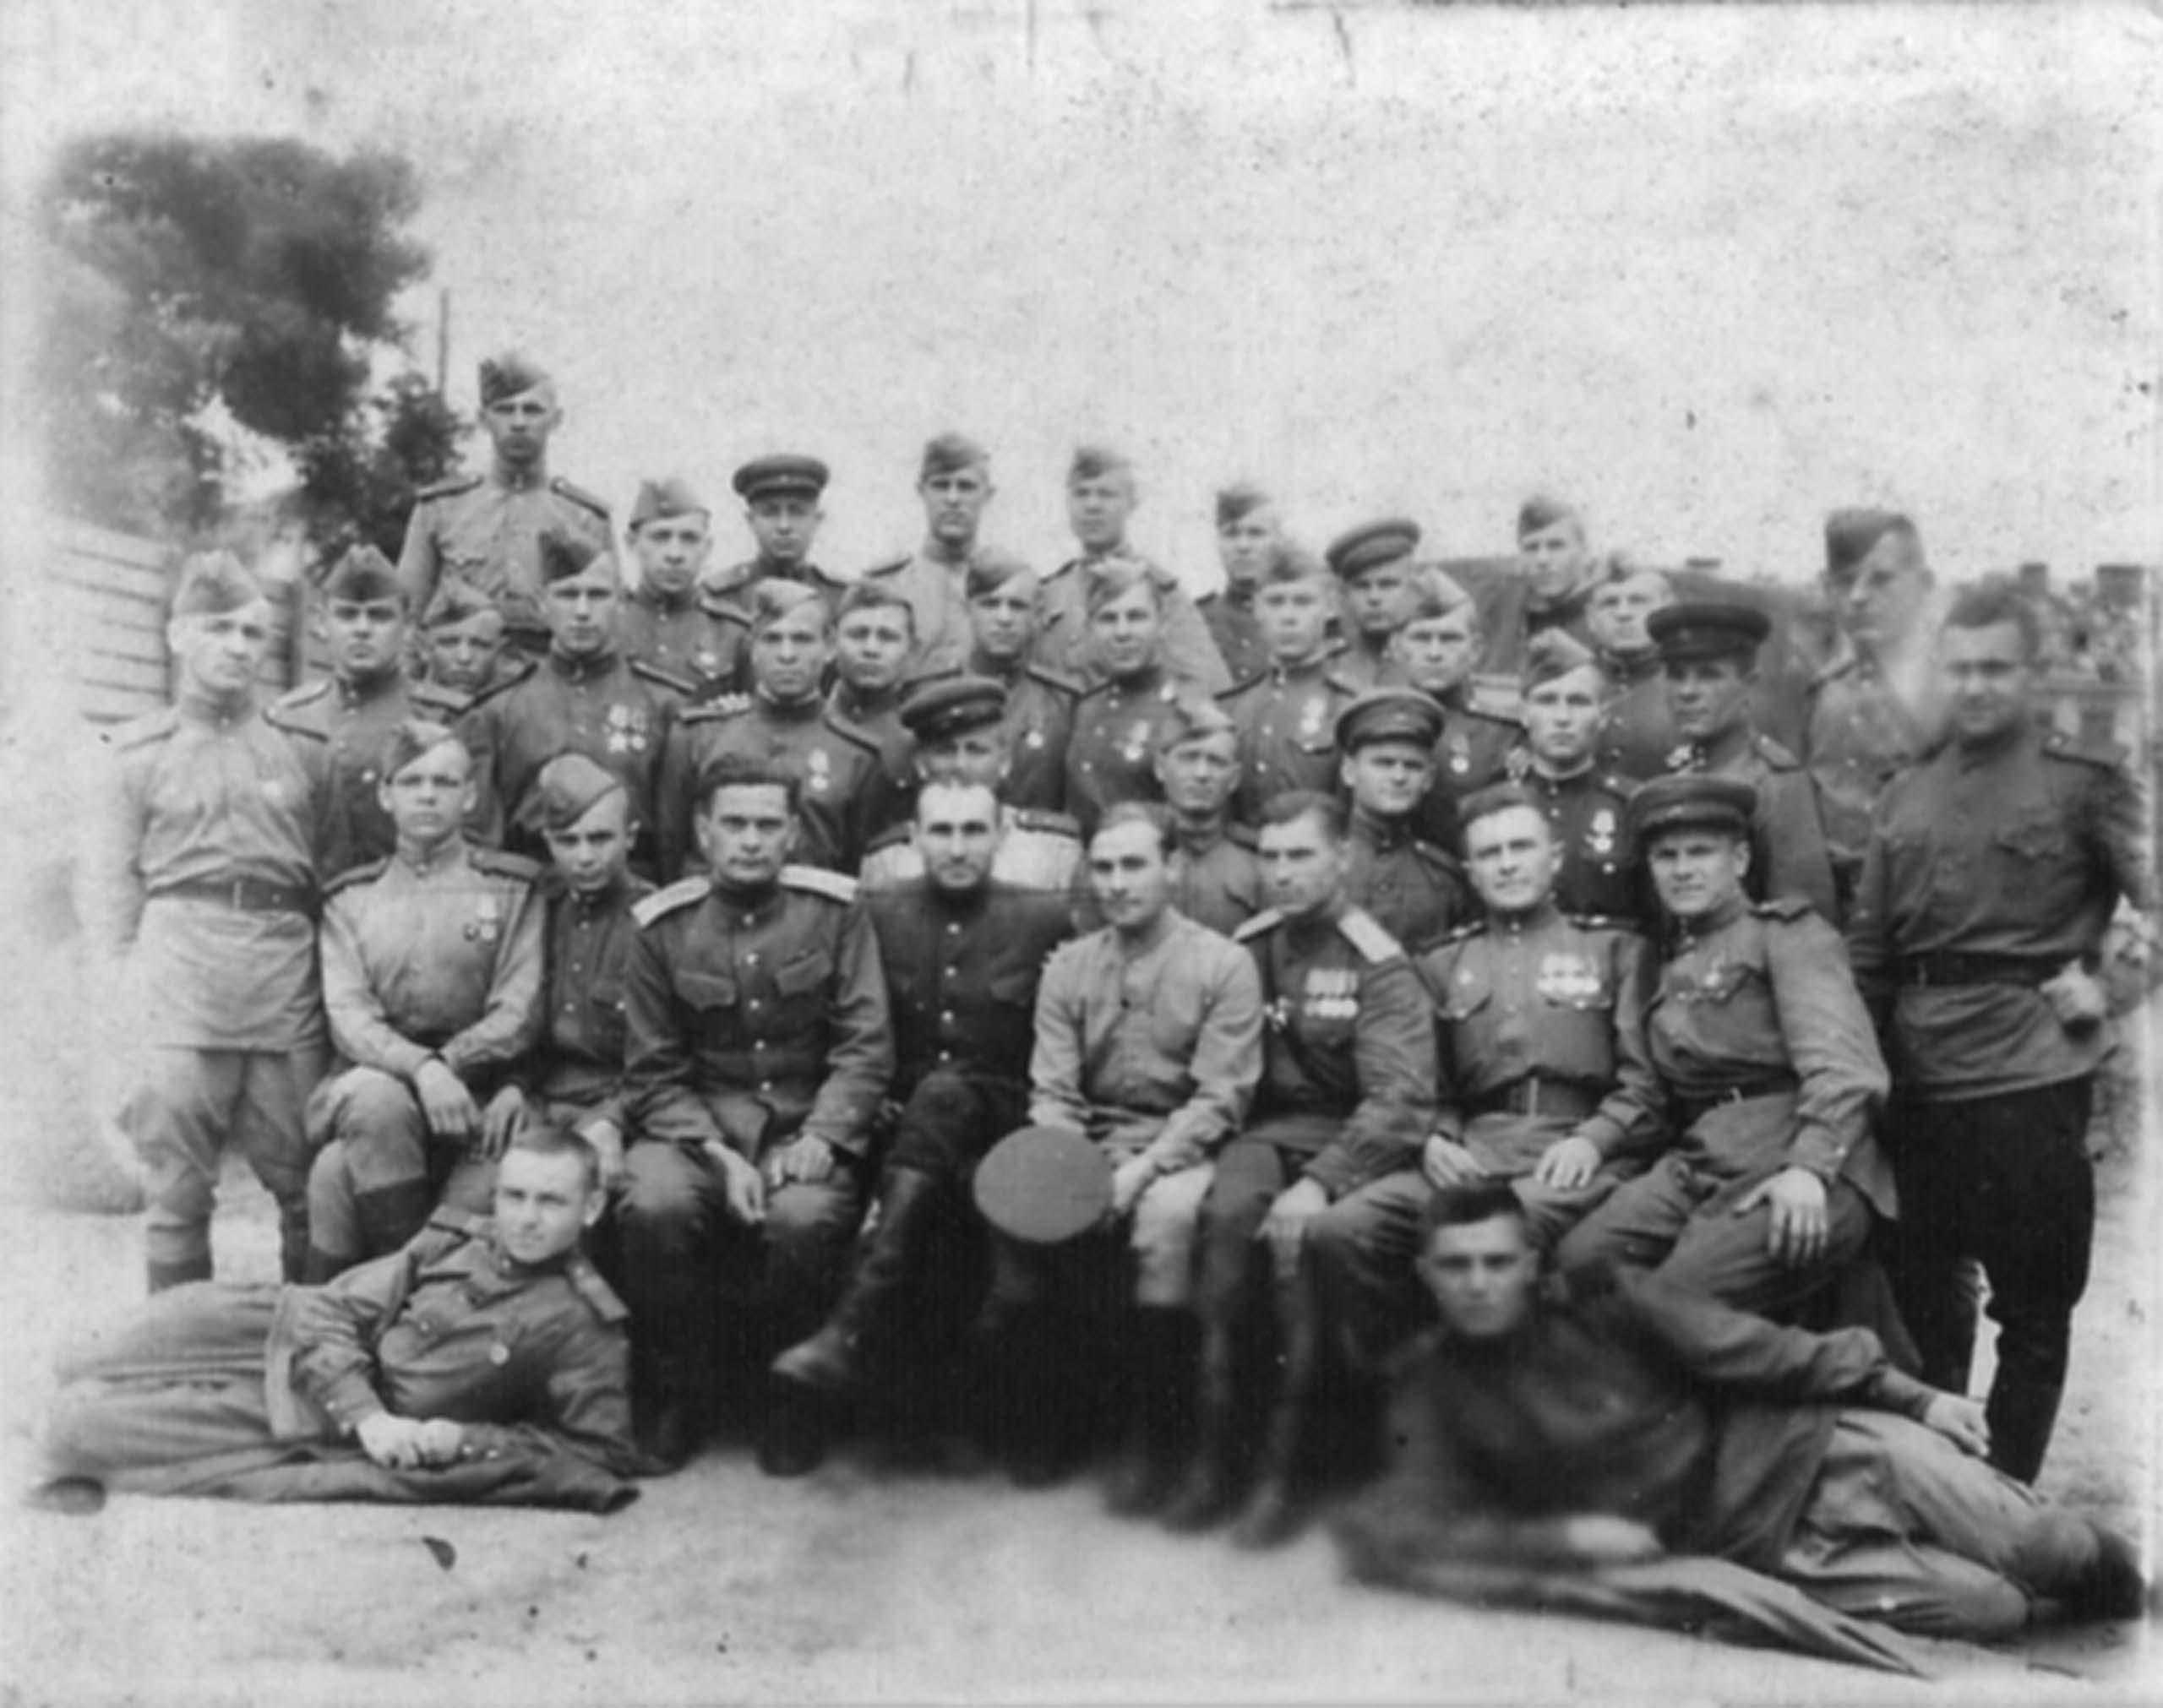 NKVD Regiment